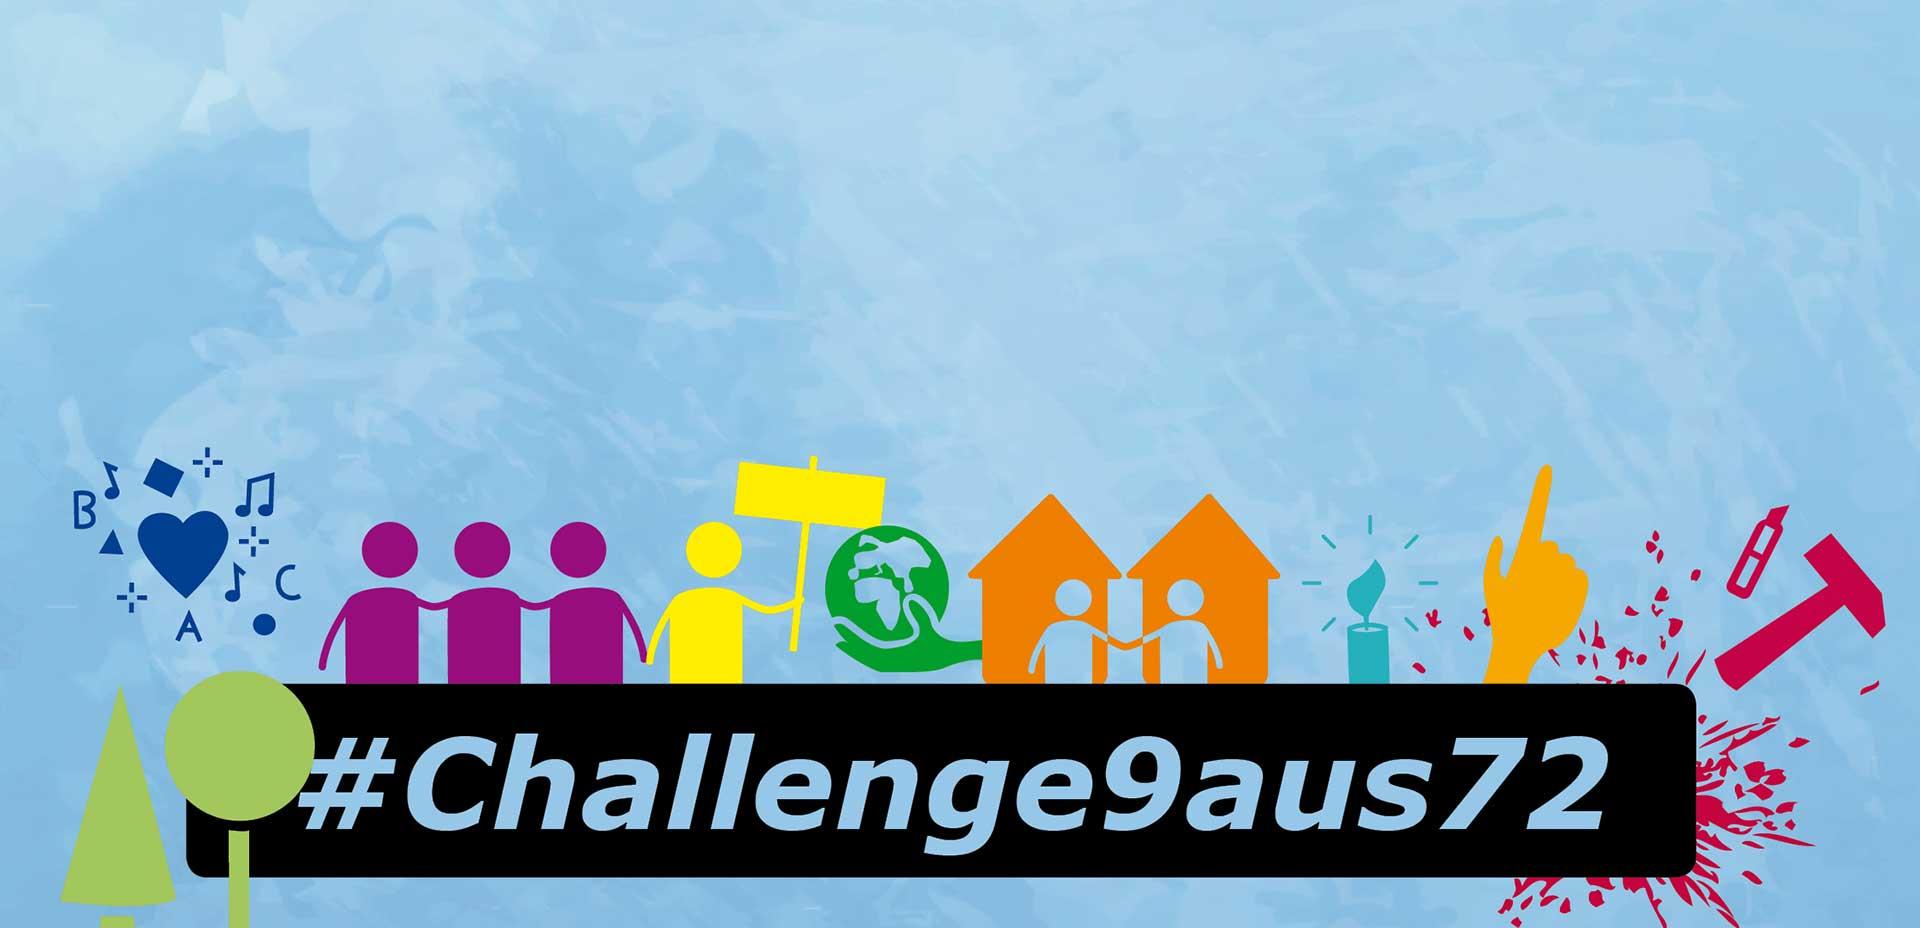 #challenge 9 aus 72